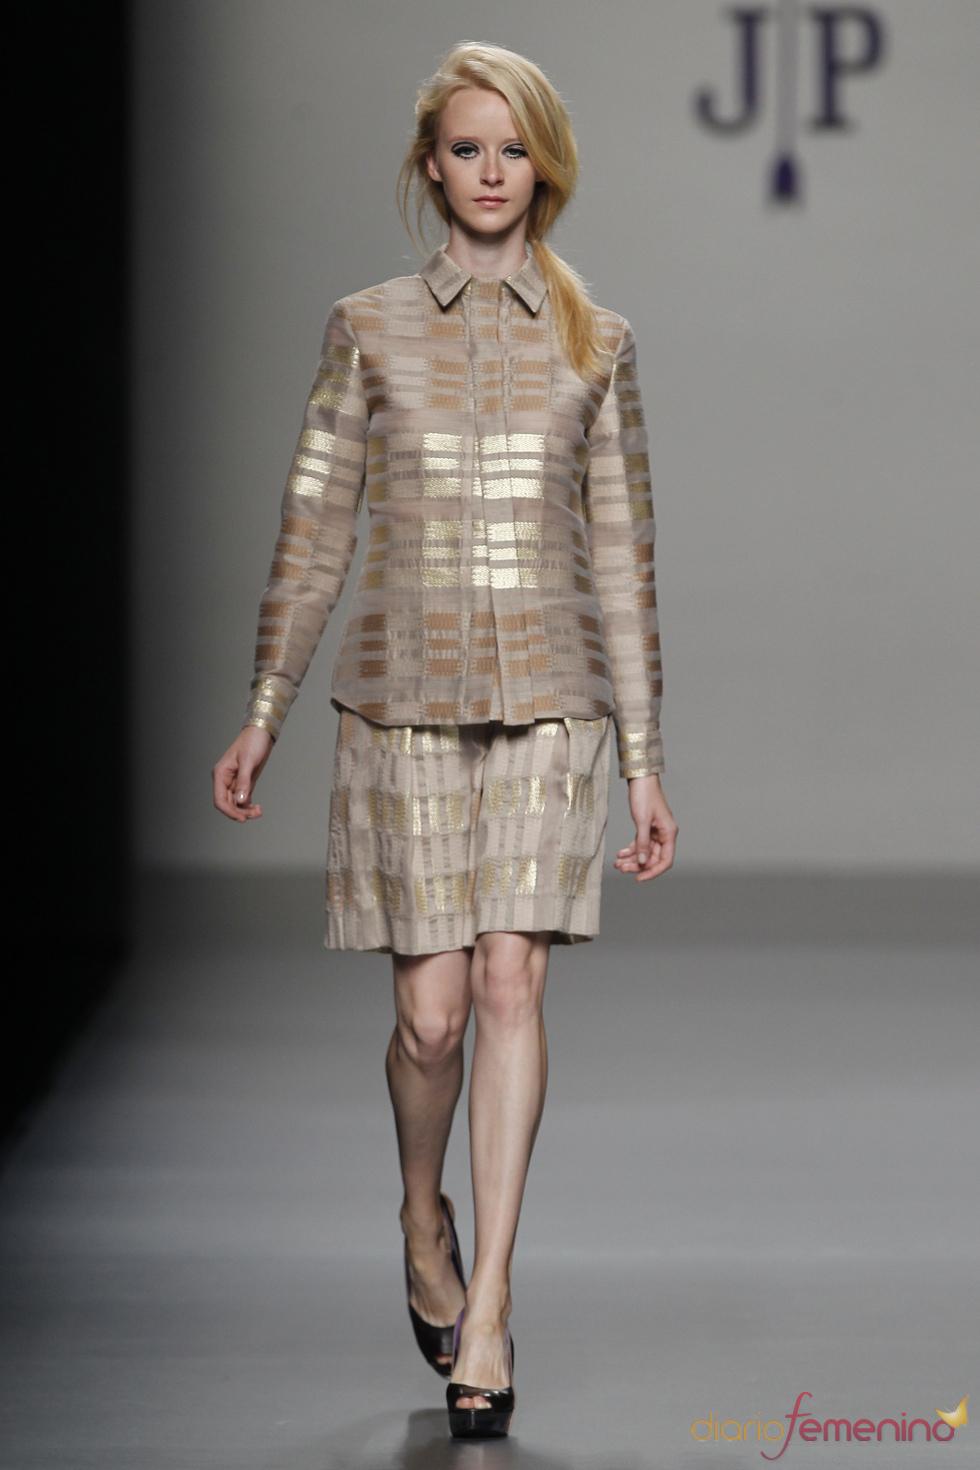 Conjunto brillante de chaqueta y falda de Jesús del Pozo